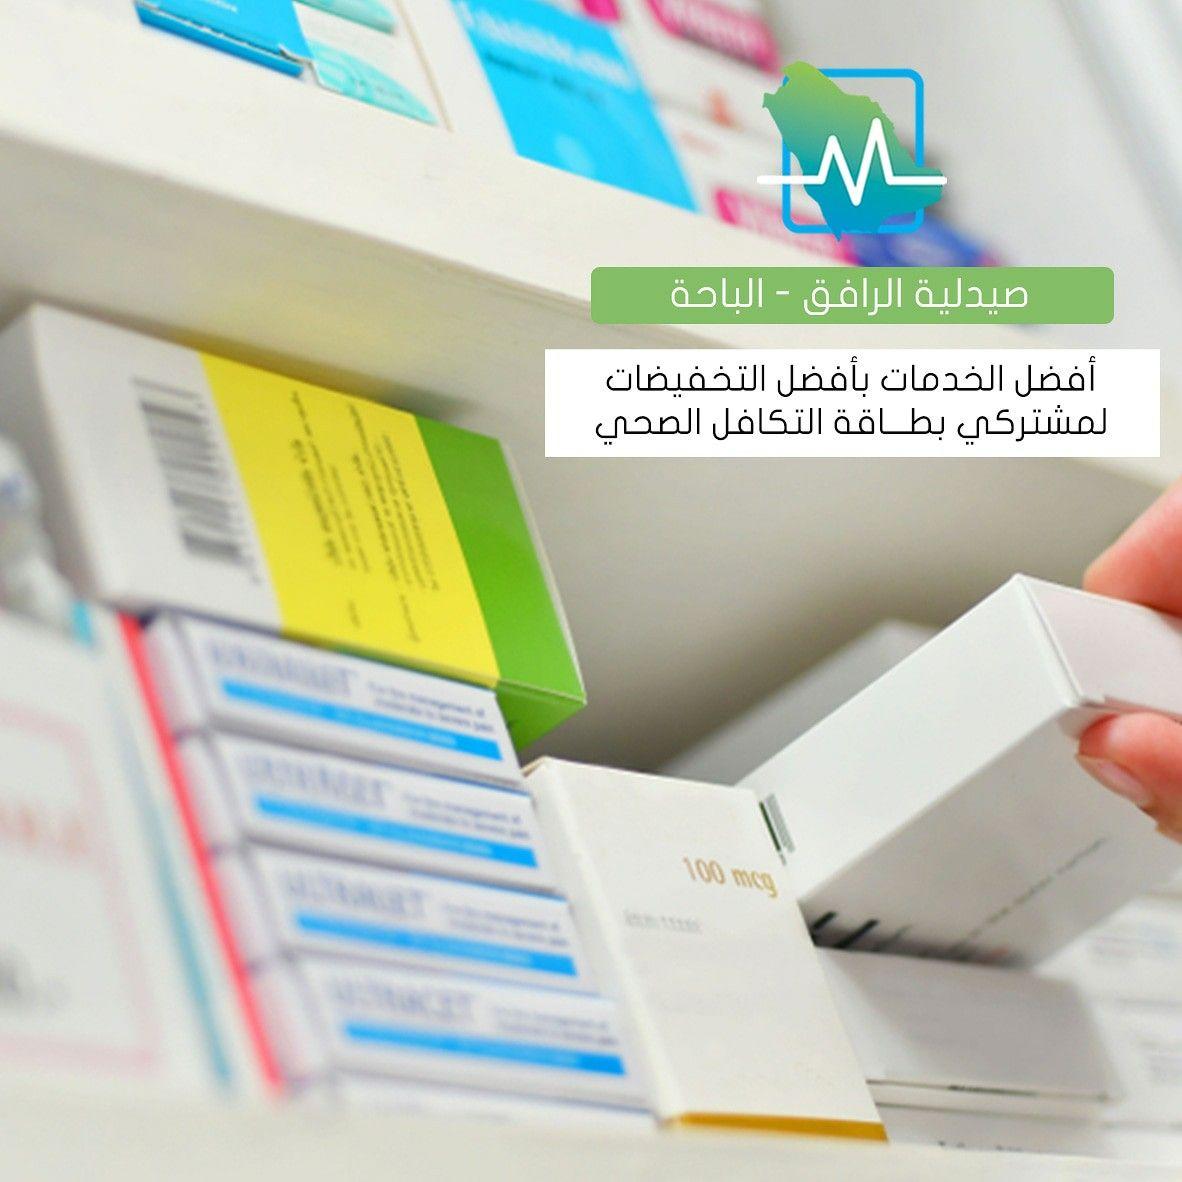 جميع العلاجات التي تحتاجونها تجدها في صيدلية الرافق في الباحة بخصومات مميزة على بطاقة التكافل الصحي الأدوية 7 التجميل 10 أدوية د Home Decor Decor Rack